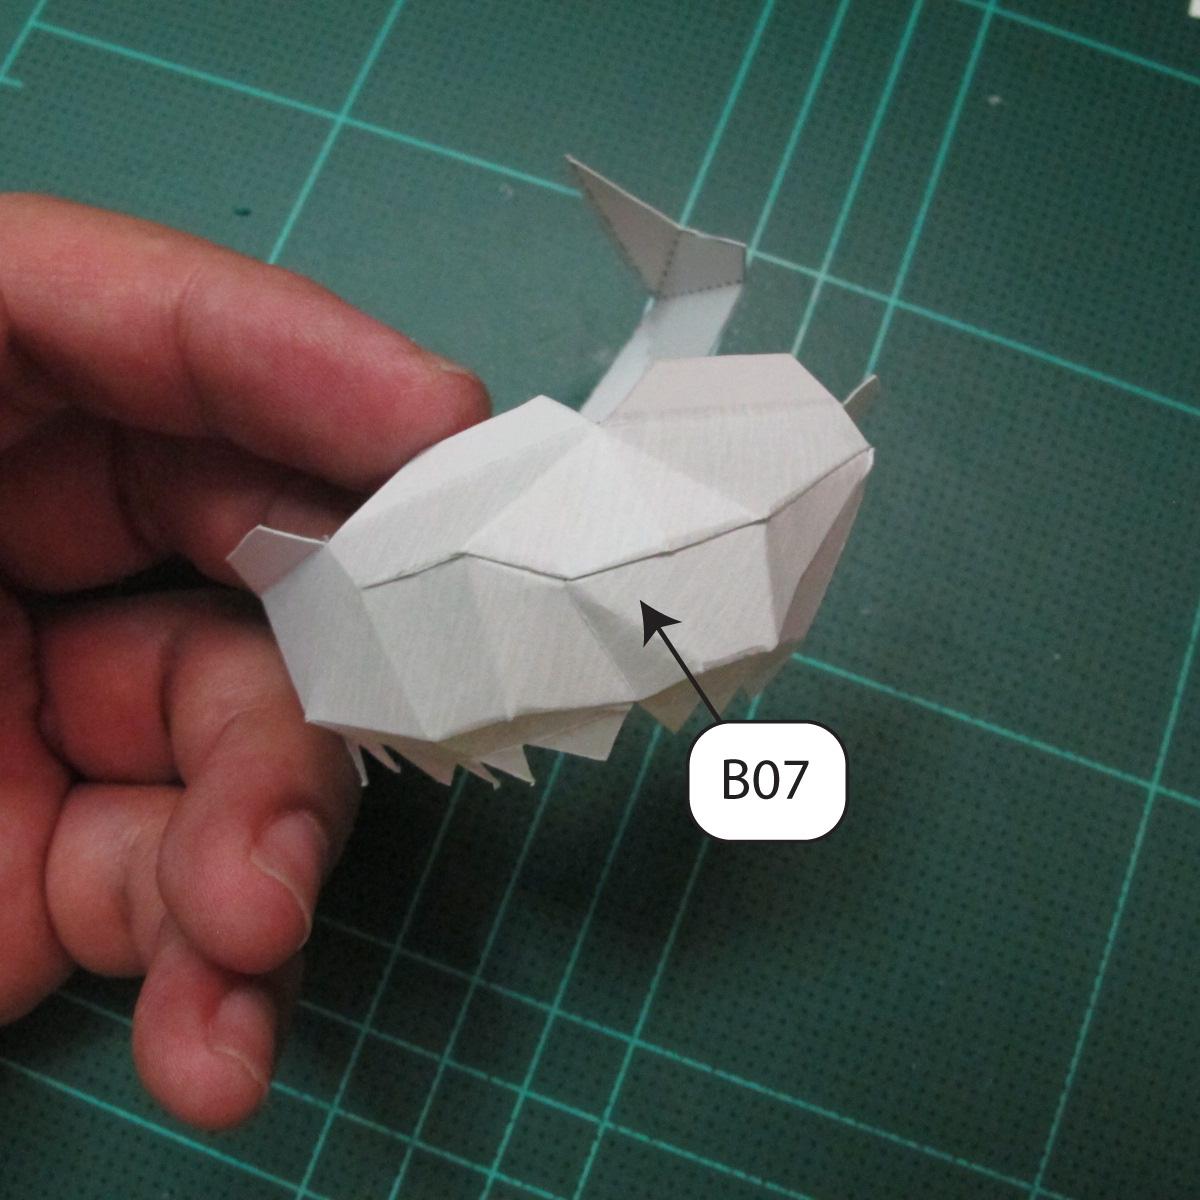 วิธีทำโมเดลกระดาษของเล่นคุกกี้รัน คุกกี้รสพ่อมด (Cookie Run Wizard Cookie Papercraft Model) 003